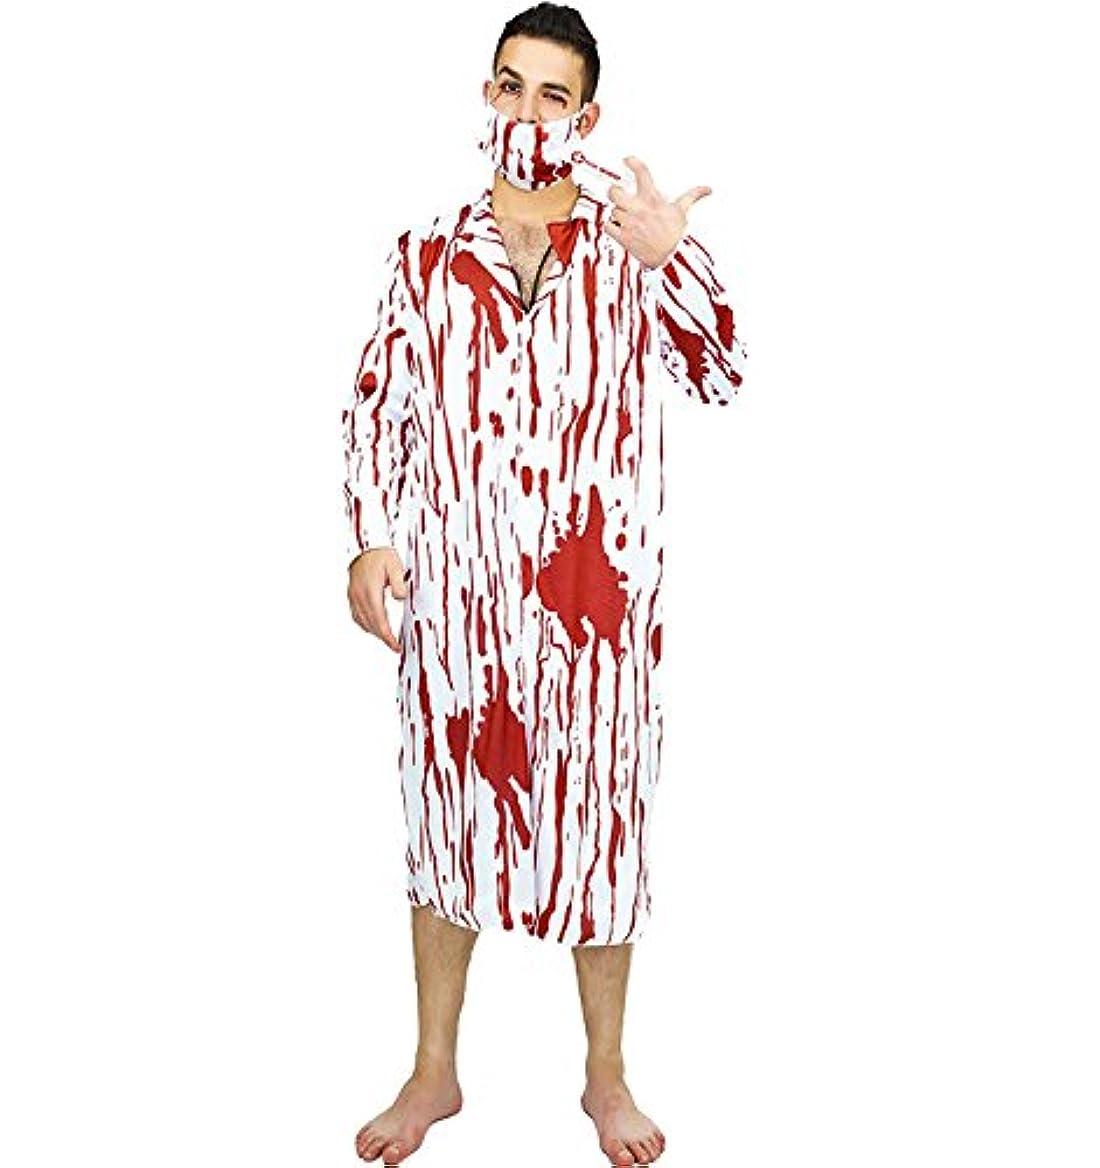 ドラッグ一部模索ゾンビ ナース ドクター 医者 看護婦 看護師 血まみれ ハロウイン コスプレ メンズ コスチューム クリスマス コスプレイベント 舞踏会 学園祭 変装 仮装 制服 衣装 服 cosplay 男子 男性 人気 大人用 男性 男の子 Bloody Nurse Zombie Doctor Male Halloween Christmas Cosplay Costume